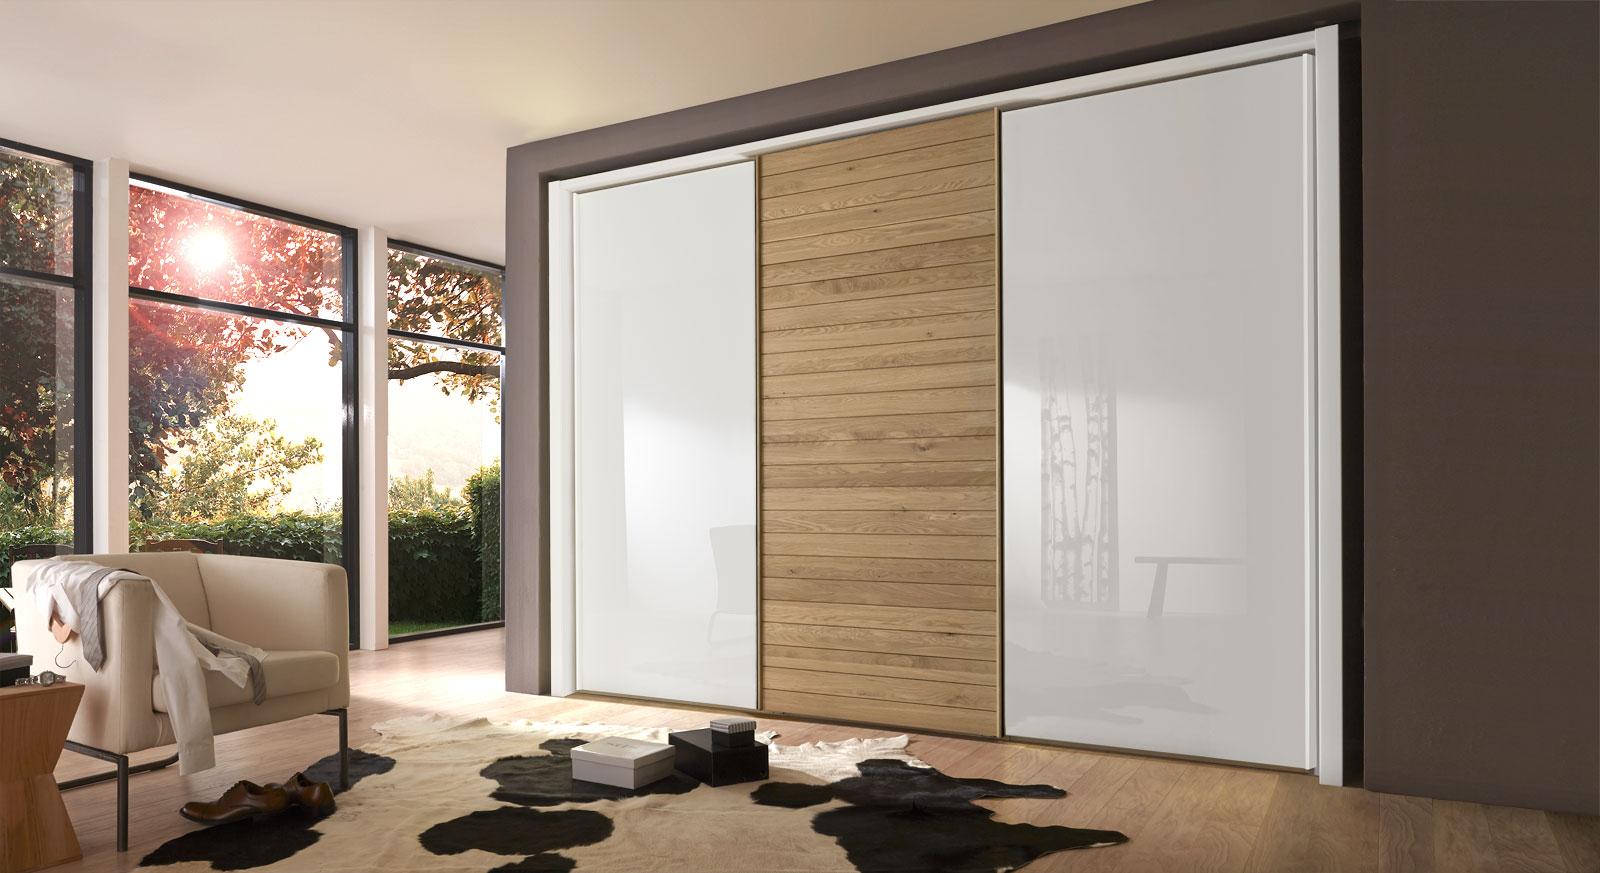 Schwebetürenschrank aus weißem Glas und Eiche Massivholz - Koga